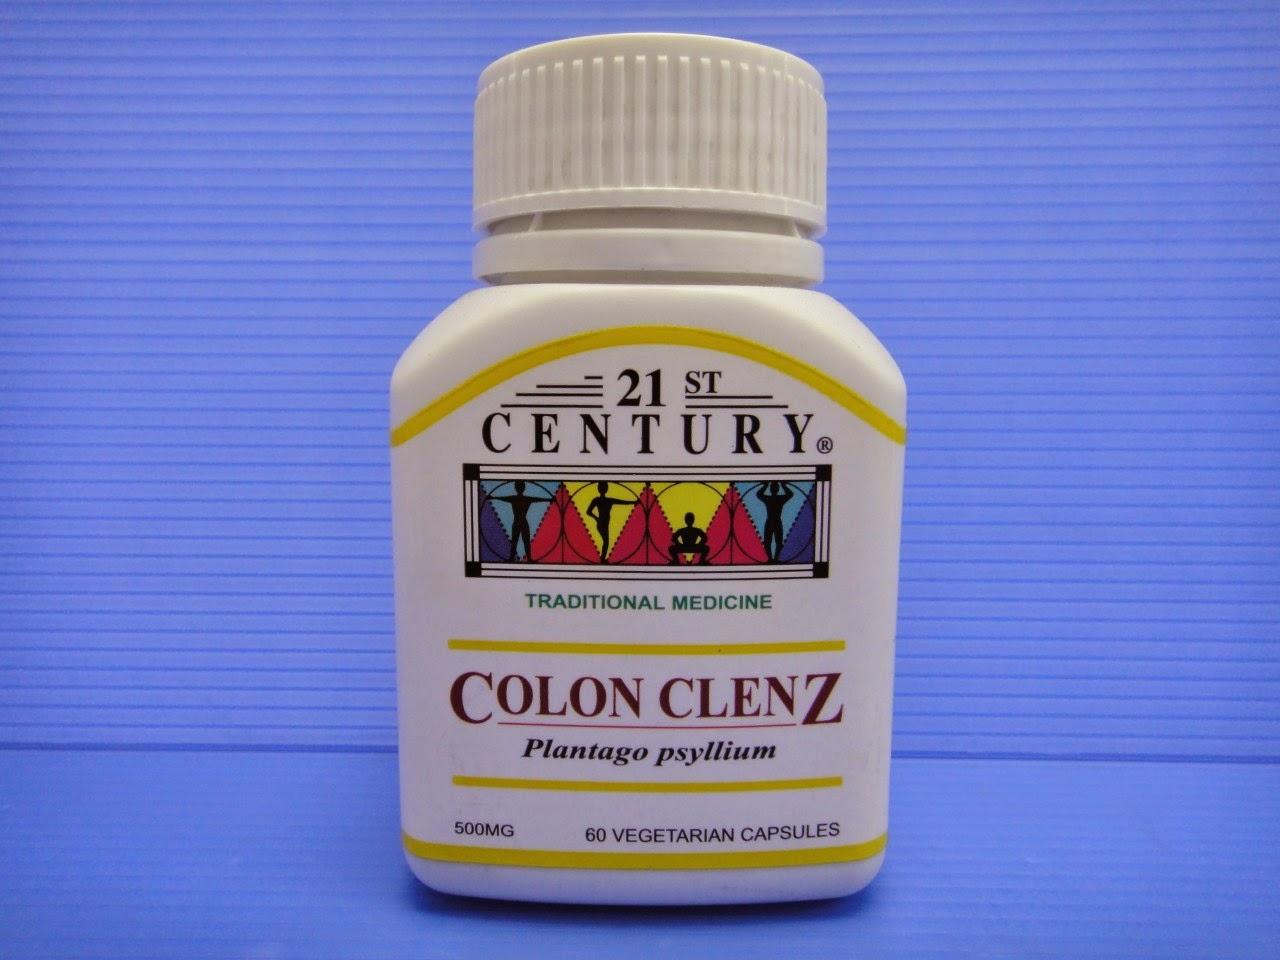 21st Century Colon Clenz kurangkan jerawat